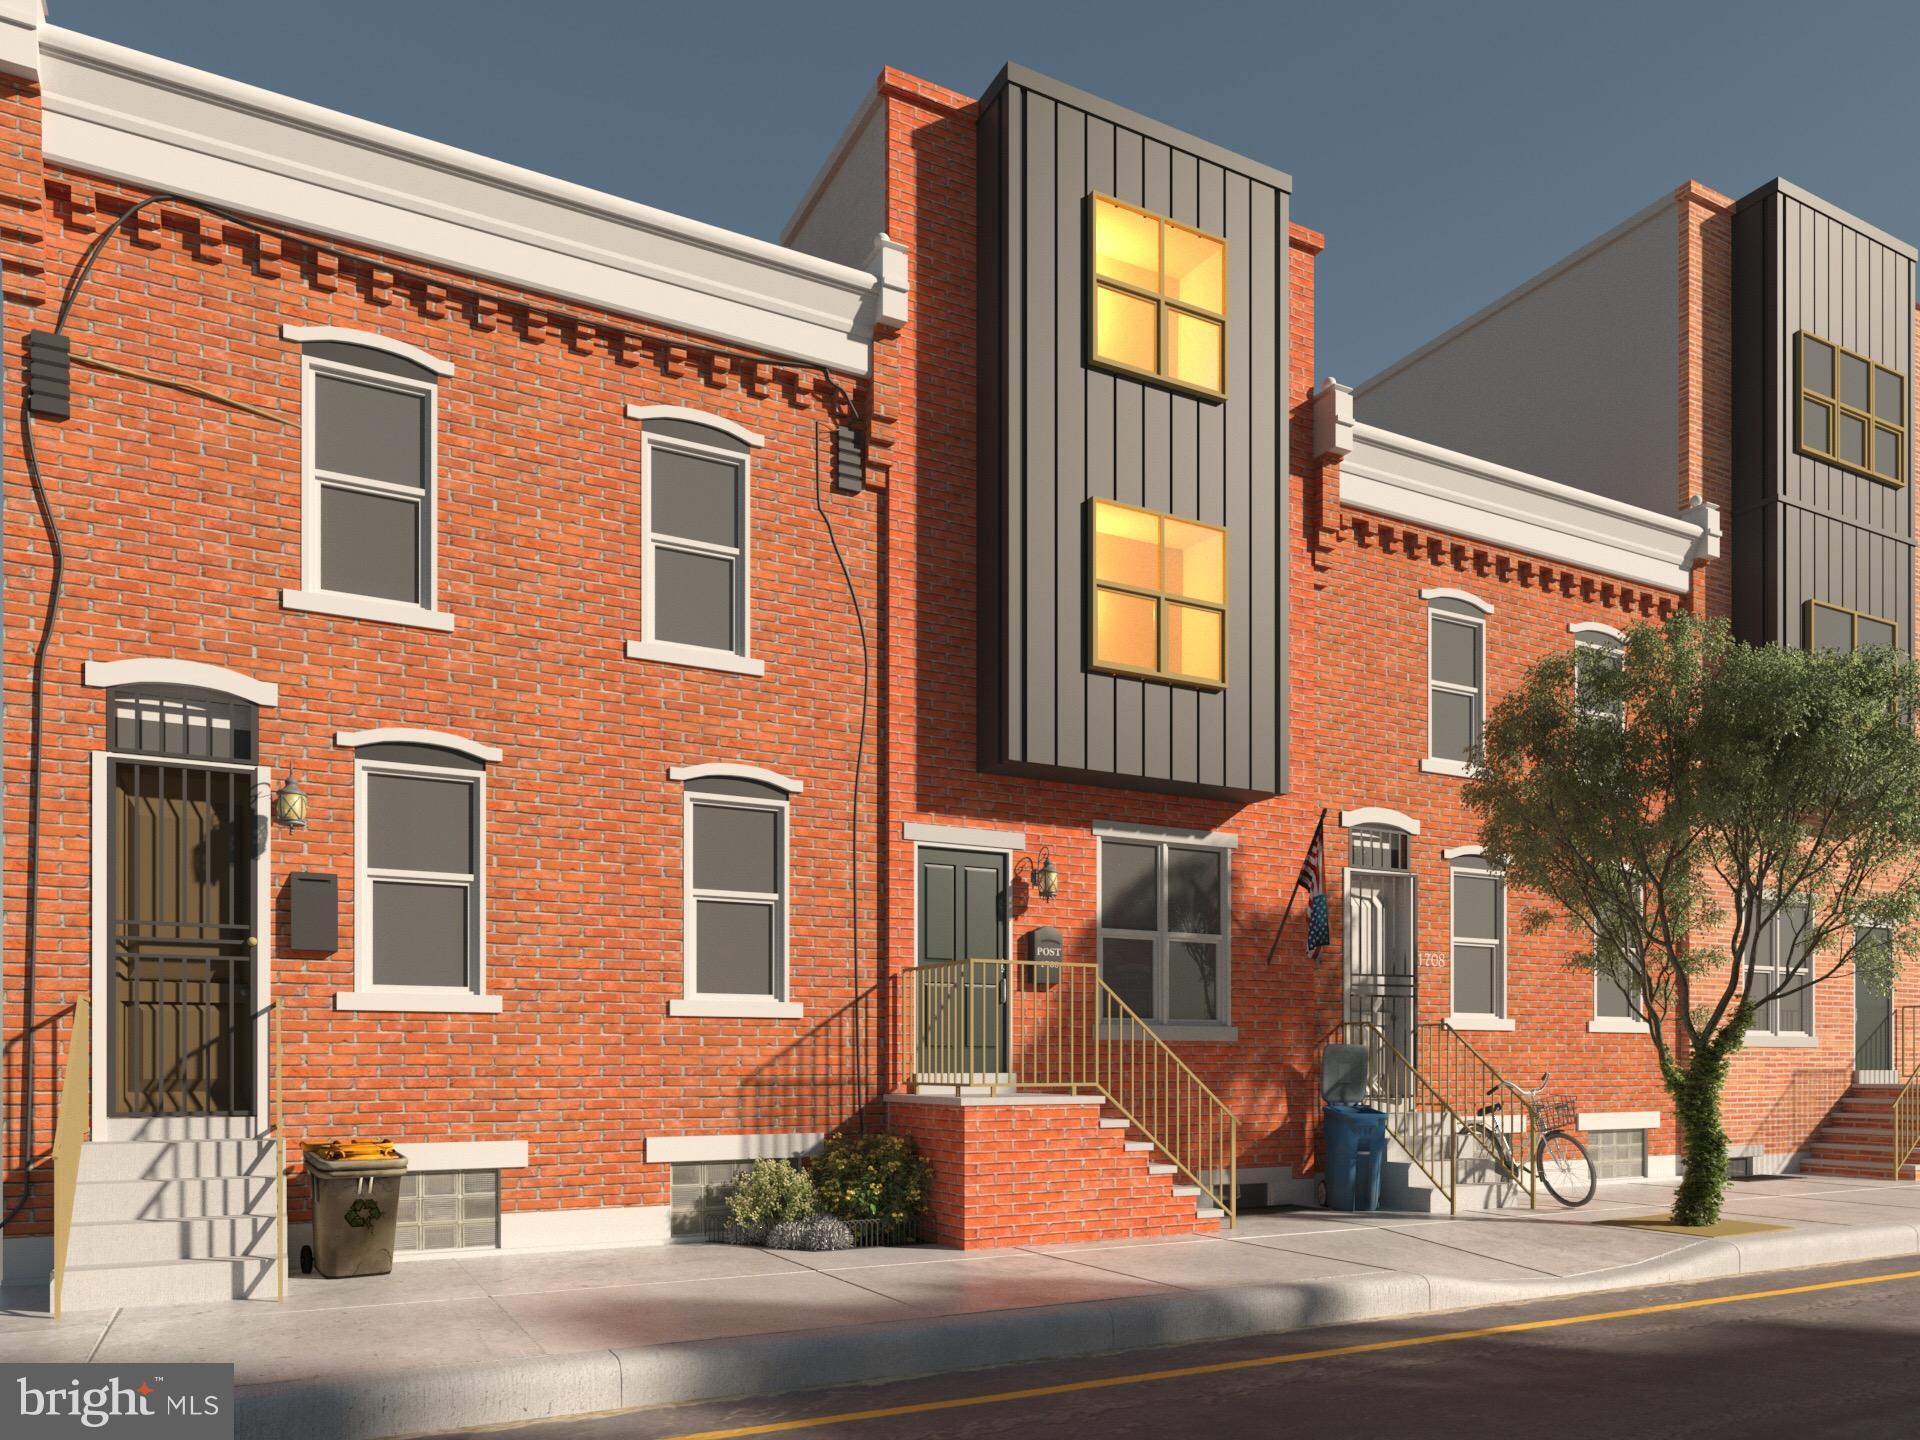 1706 ARLINGTON STREET, PHILADELPHIA, PA 19121